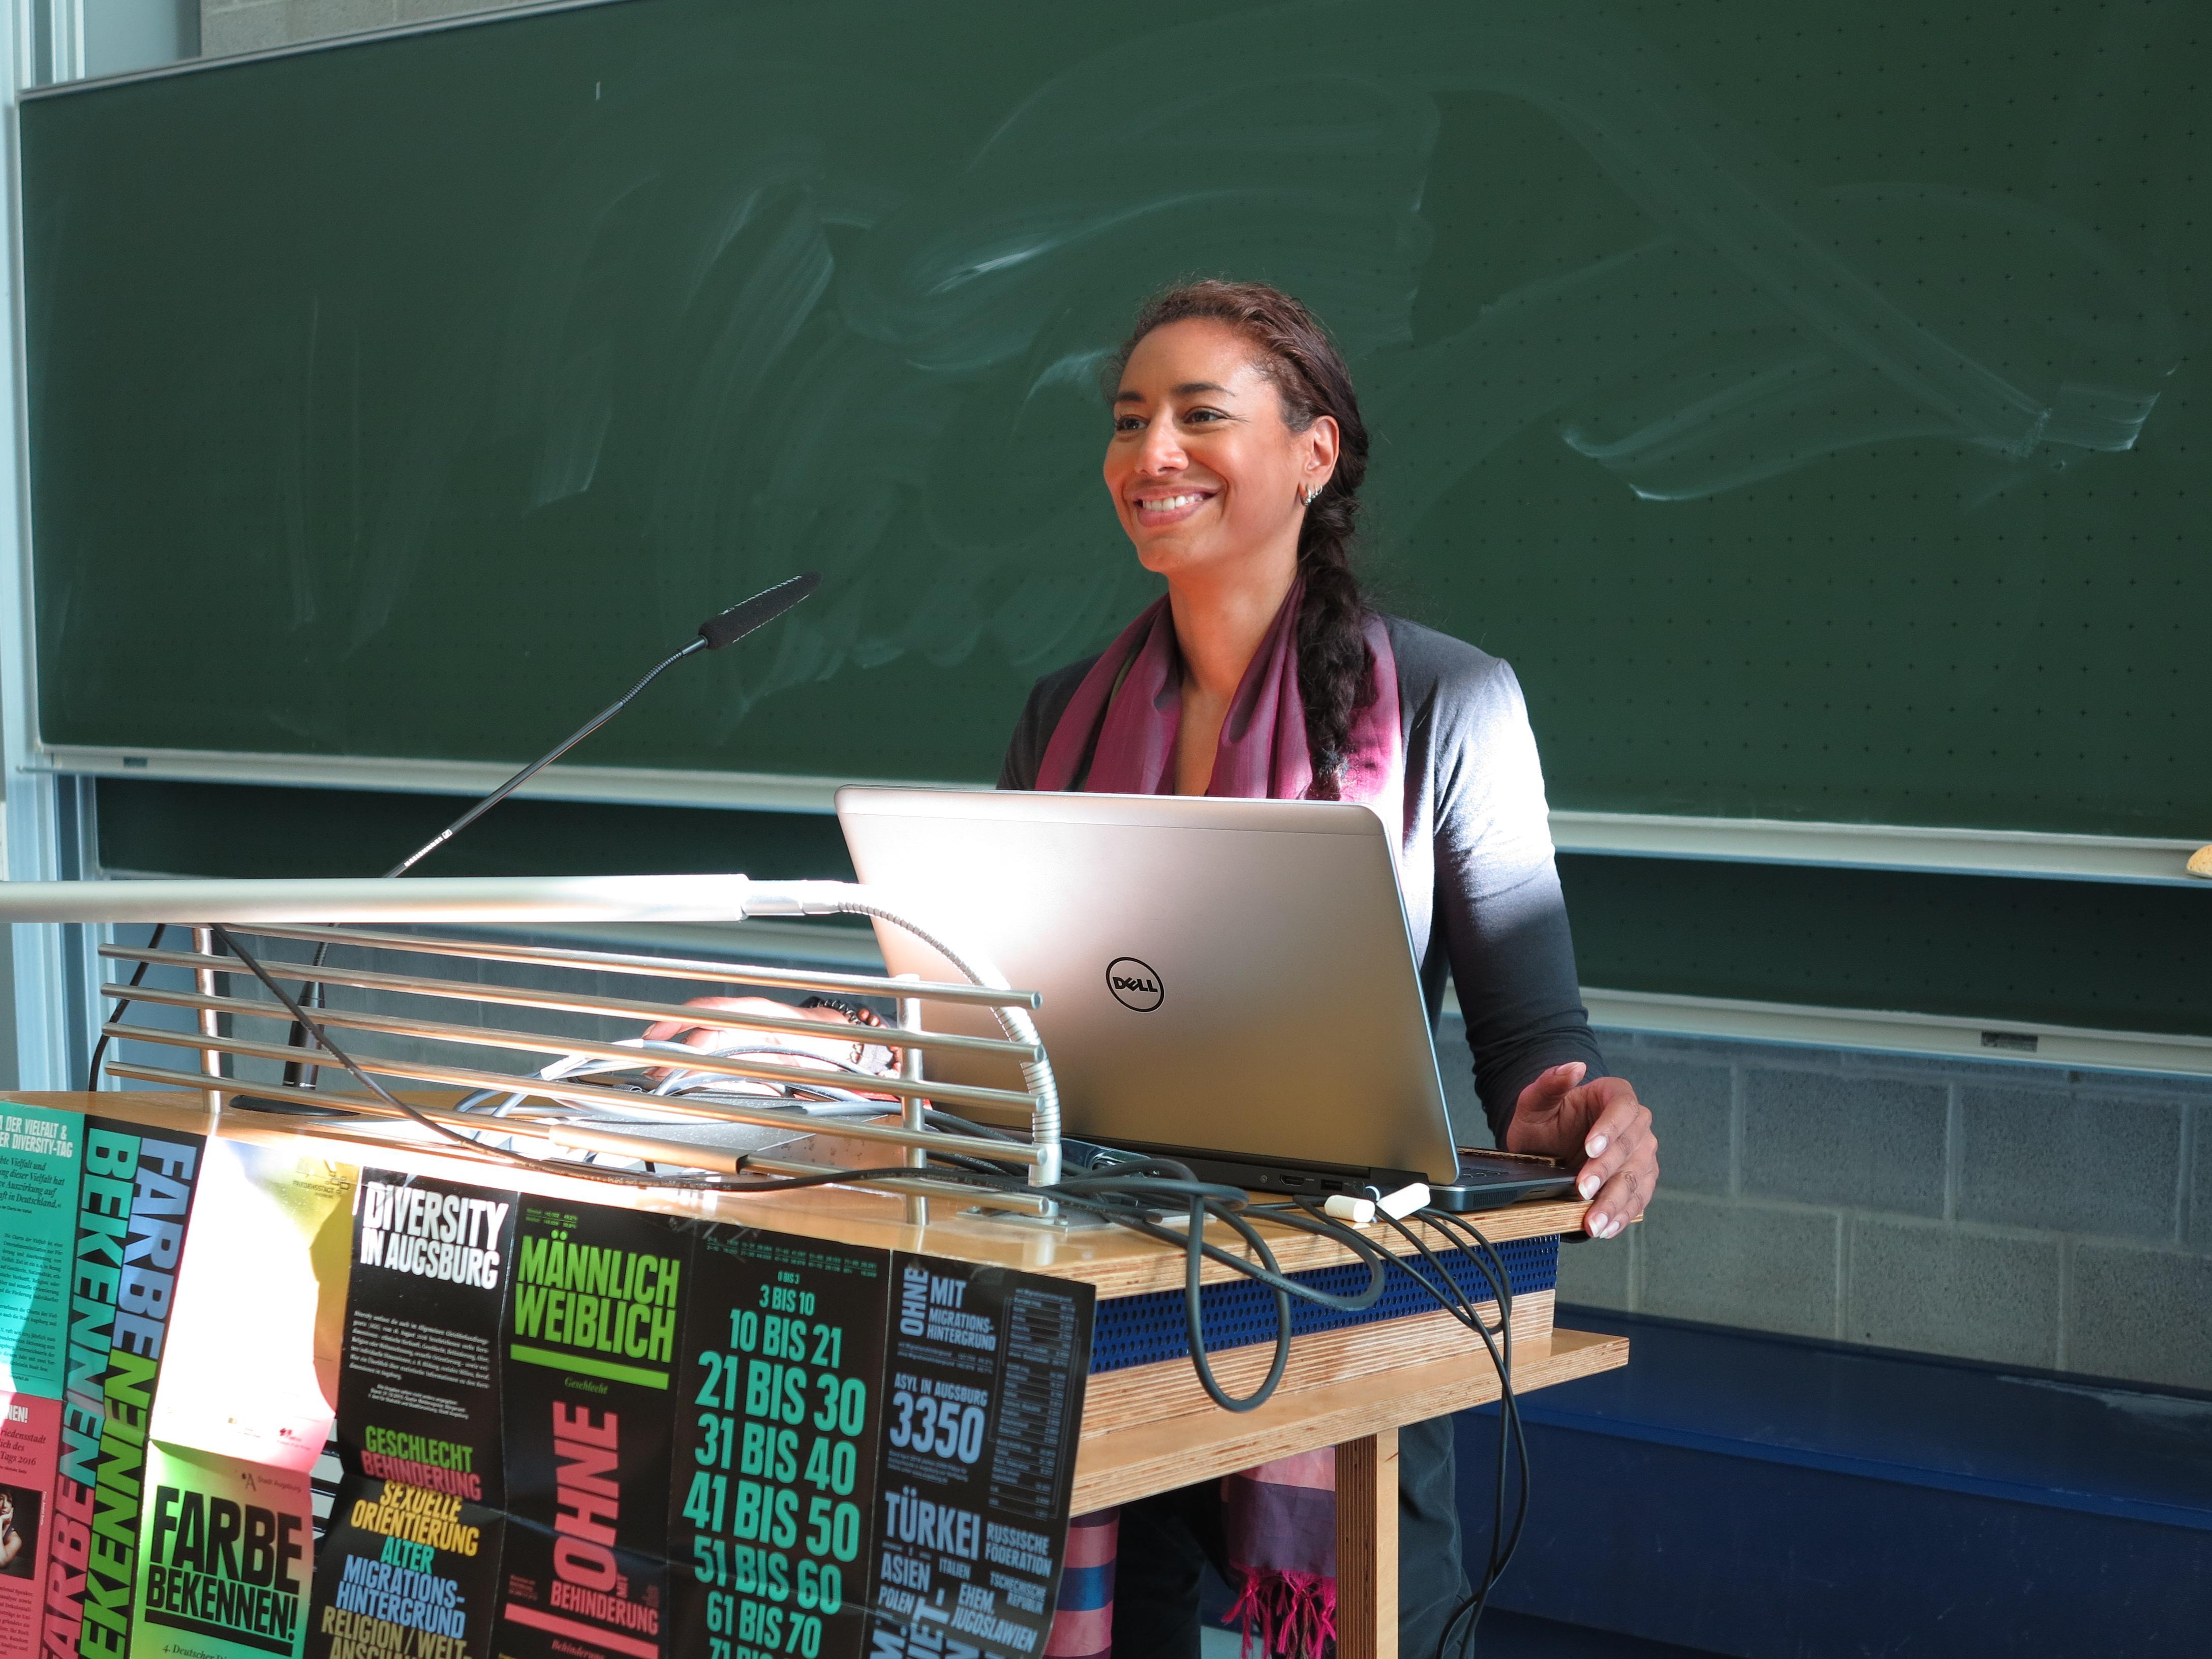 Noah Sow beim Vortrag zum Diversity Tag 2016 an der Universität Augsburg. Foto: Andreas Baernreuther